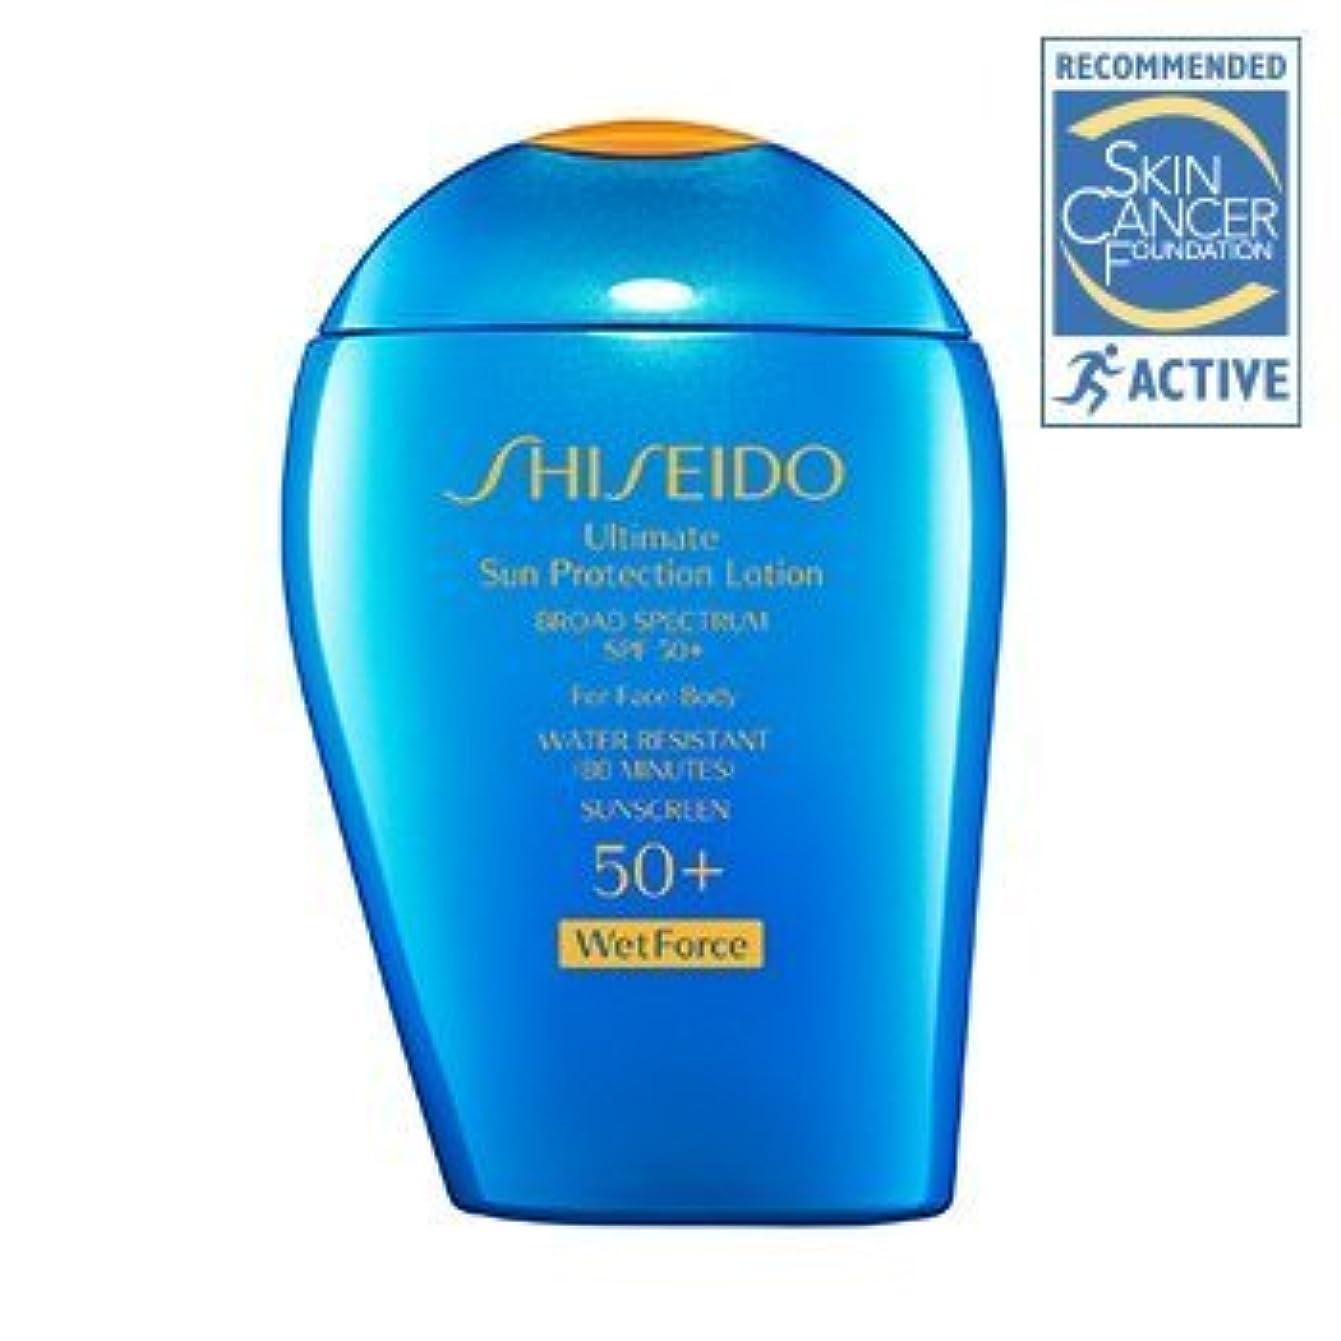 アブストラクト一流野生Shiseido Ultimate Sun Protection Face & Body Lotion Spf 50 Pa+++ 100Ml/3.4Oz by Shiseido [並行輸入品]